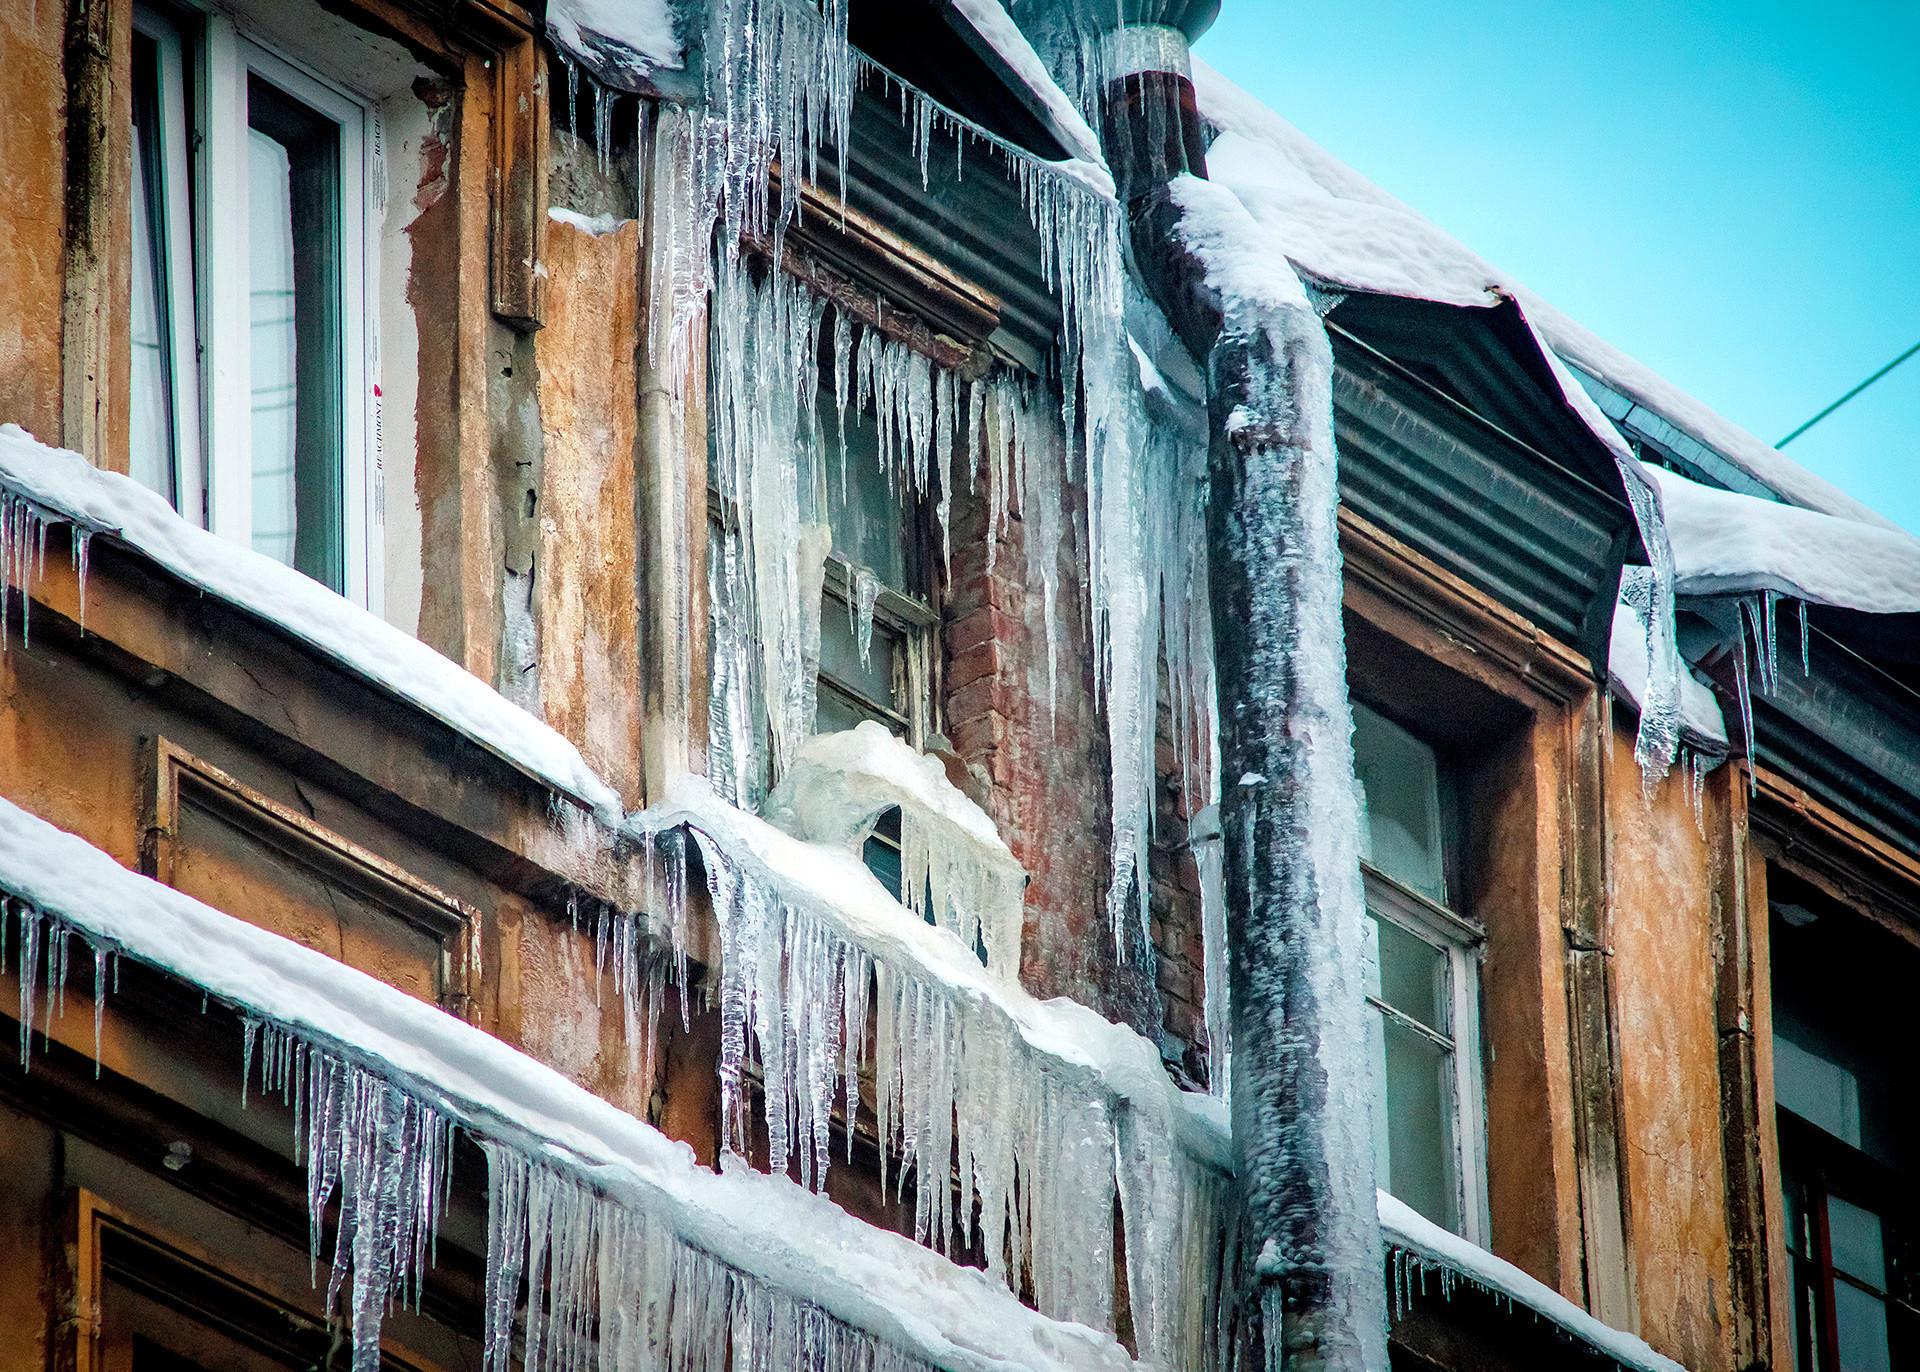 Se você vir uma estalactite de gelo bonitona assim... saia de perto!